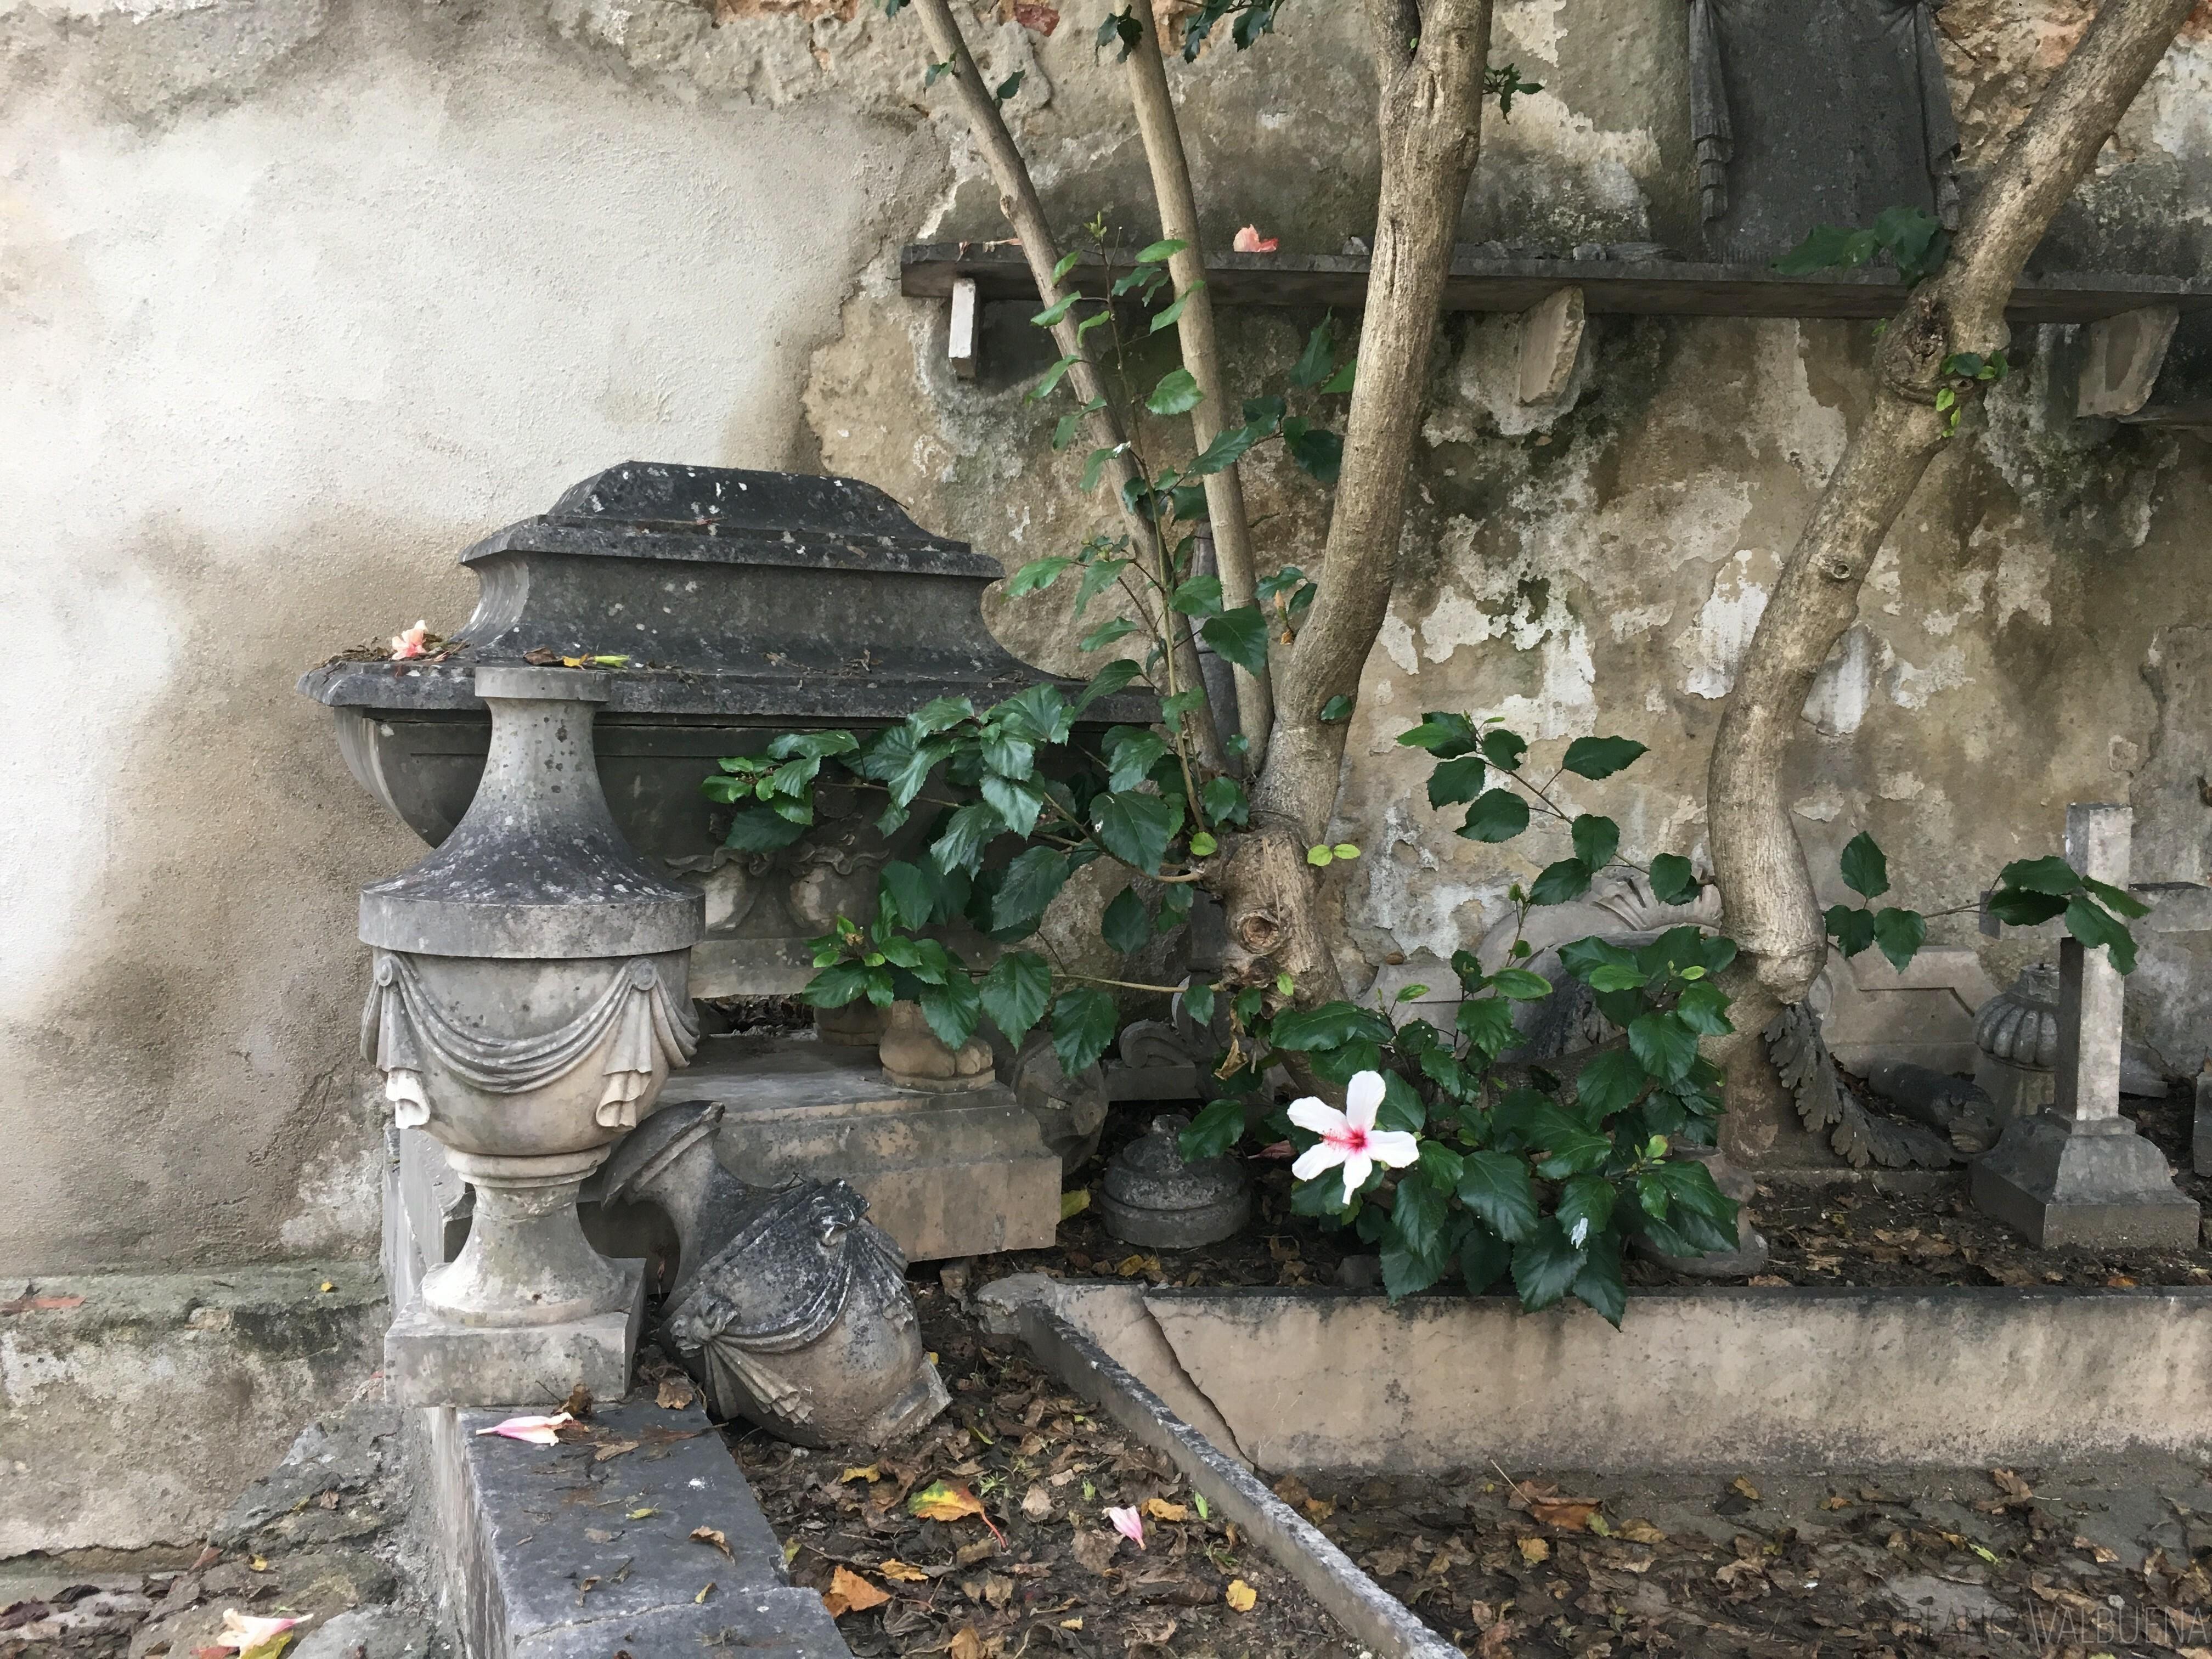 Prazeres Friedhof ist sehr schön